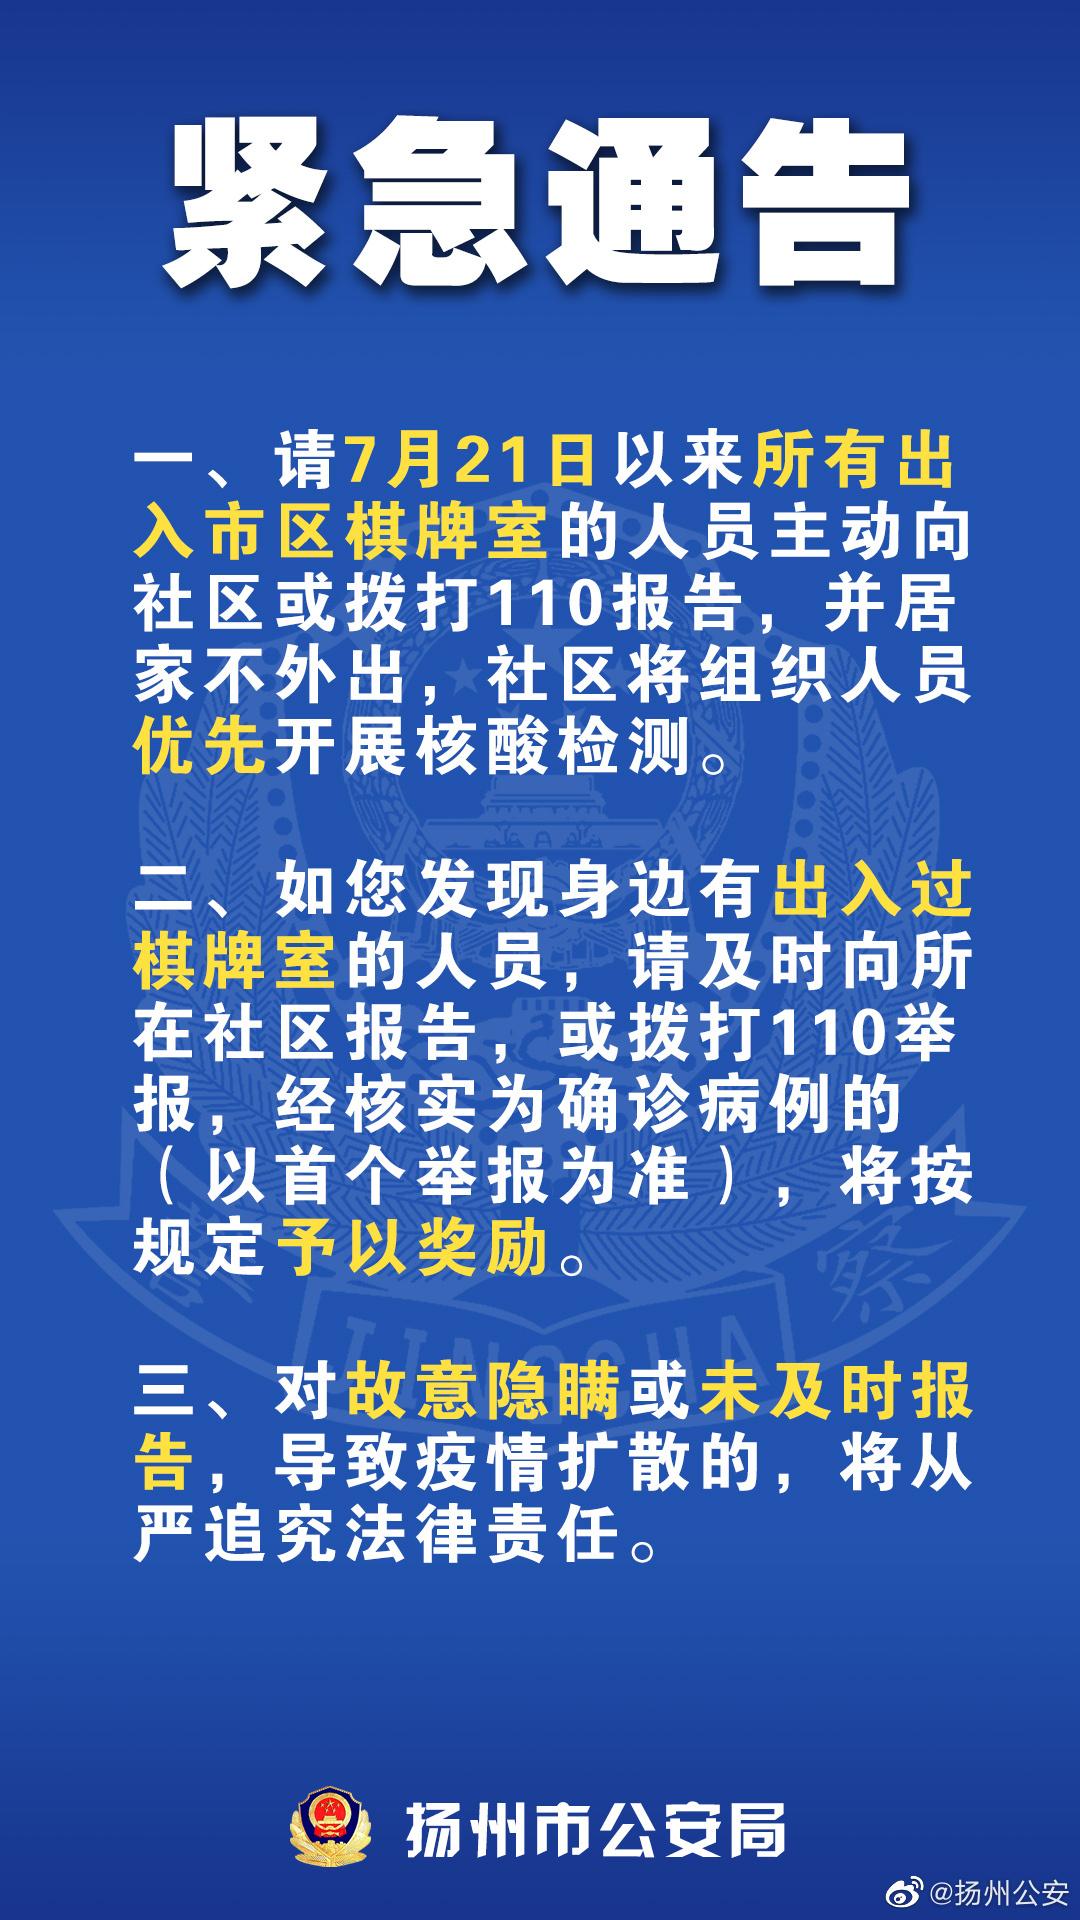 8月2日,扬州公安发布紧急通告,请7月21日以来出入市区棋牌室的人员主动向社区或警方报告。来源:扬州公安官方微博